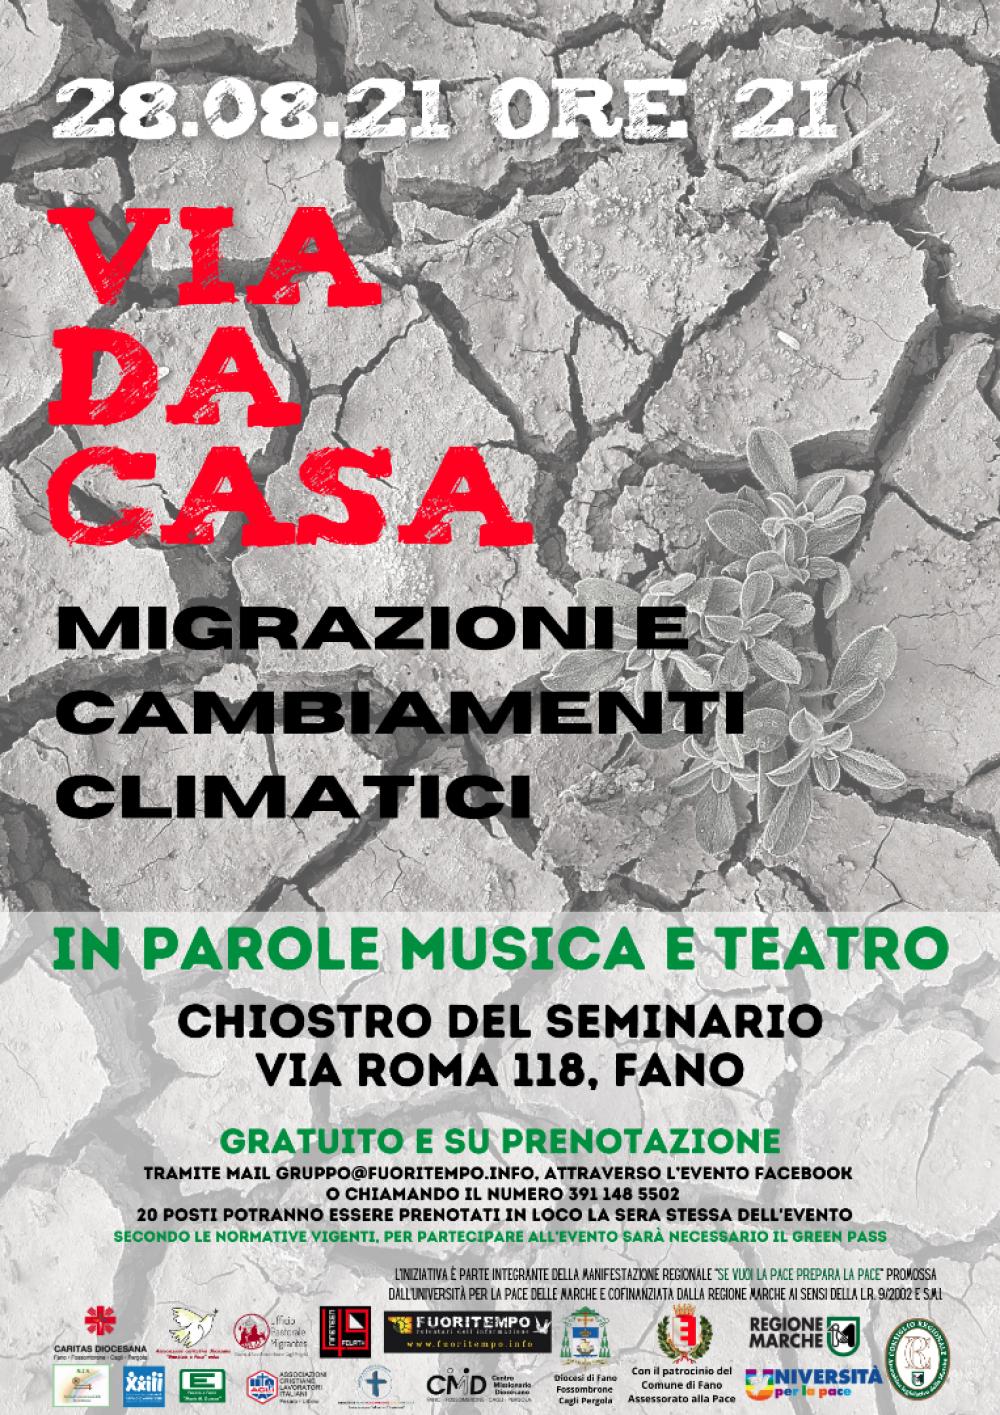 Via da casa: migrazioni e cambiamenti climatici